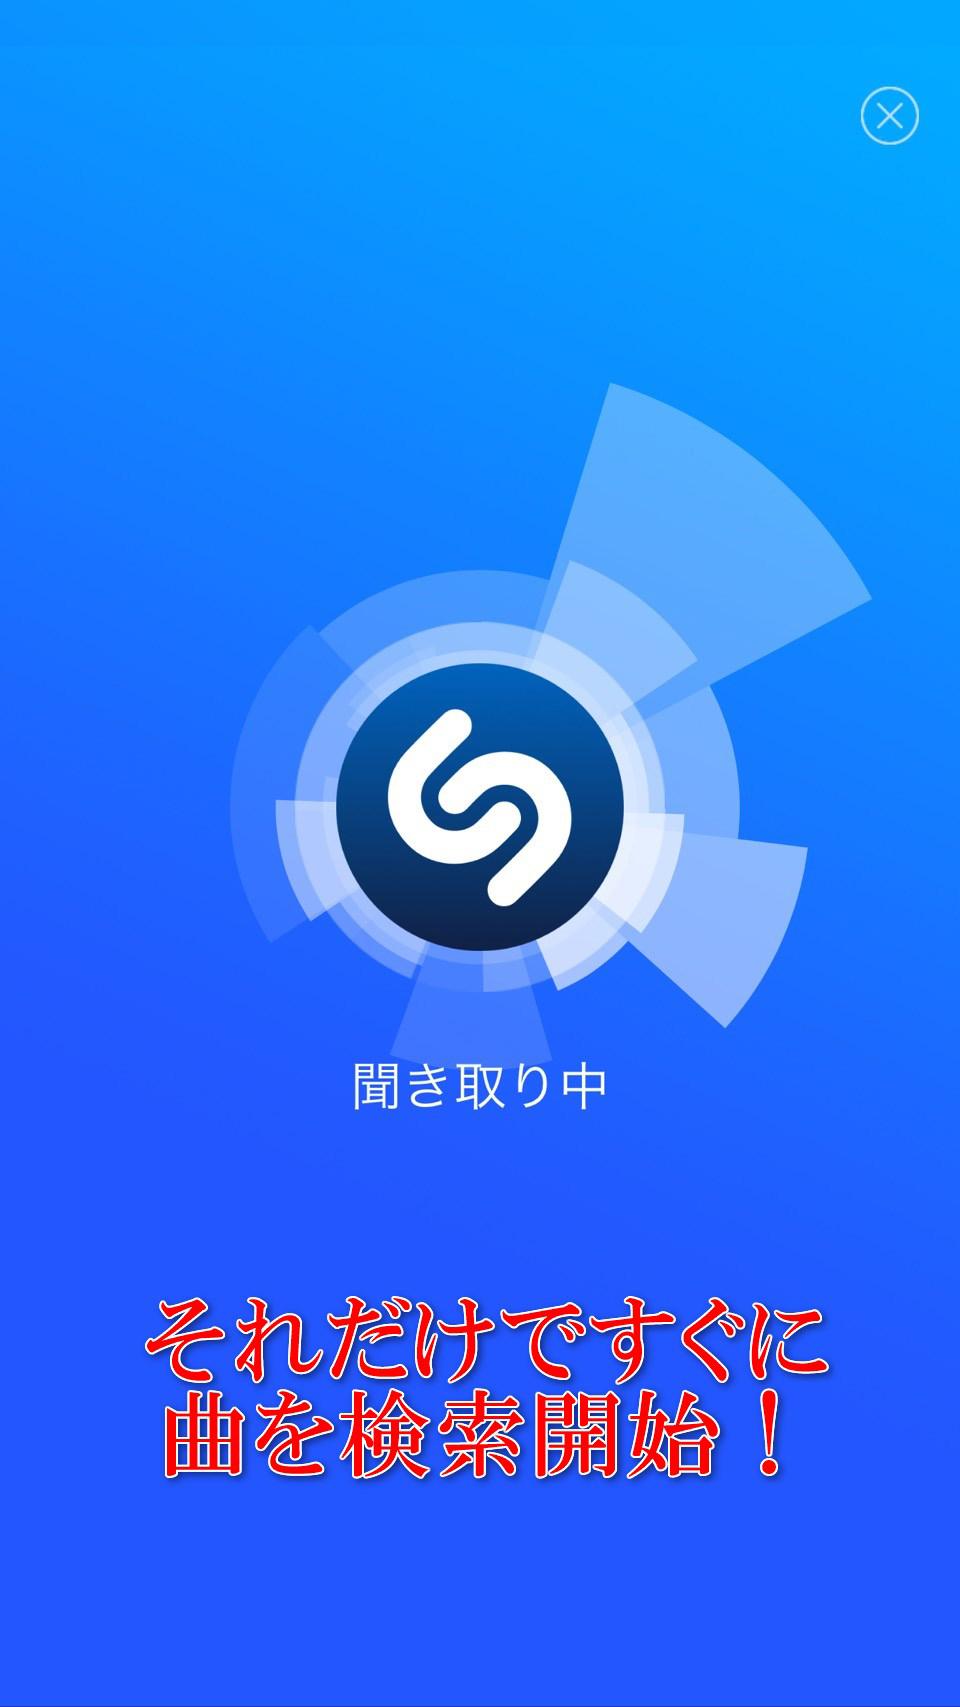 Shazam曲検索画像